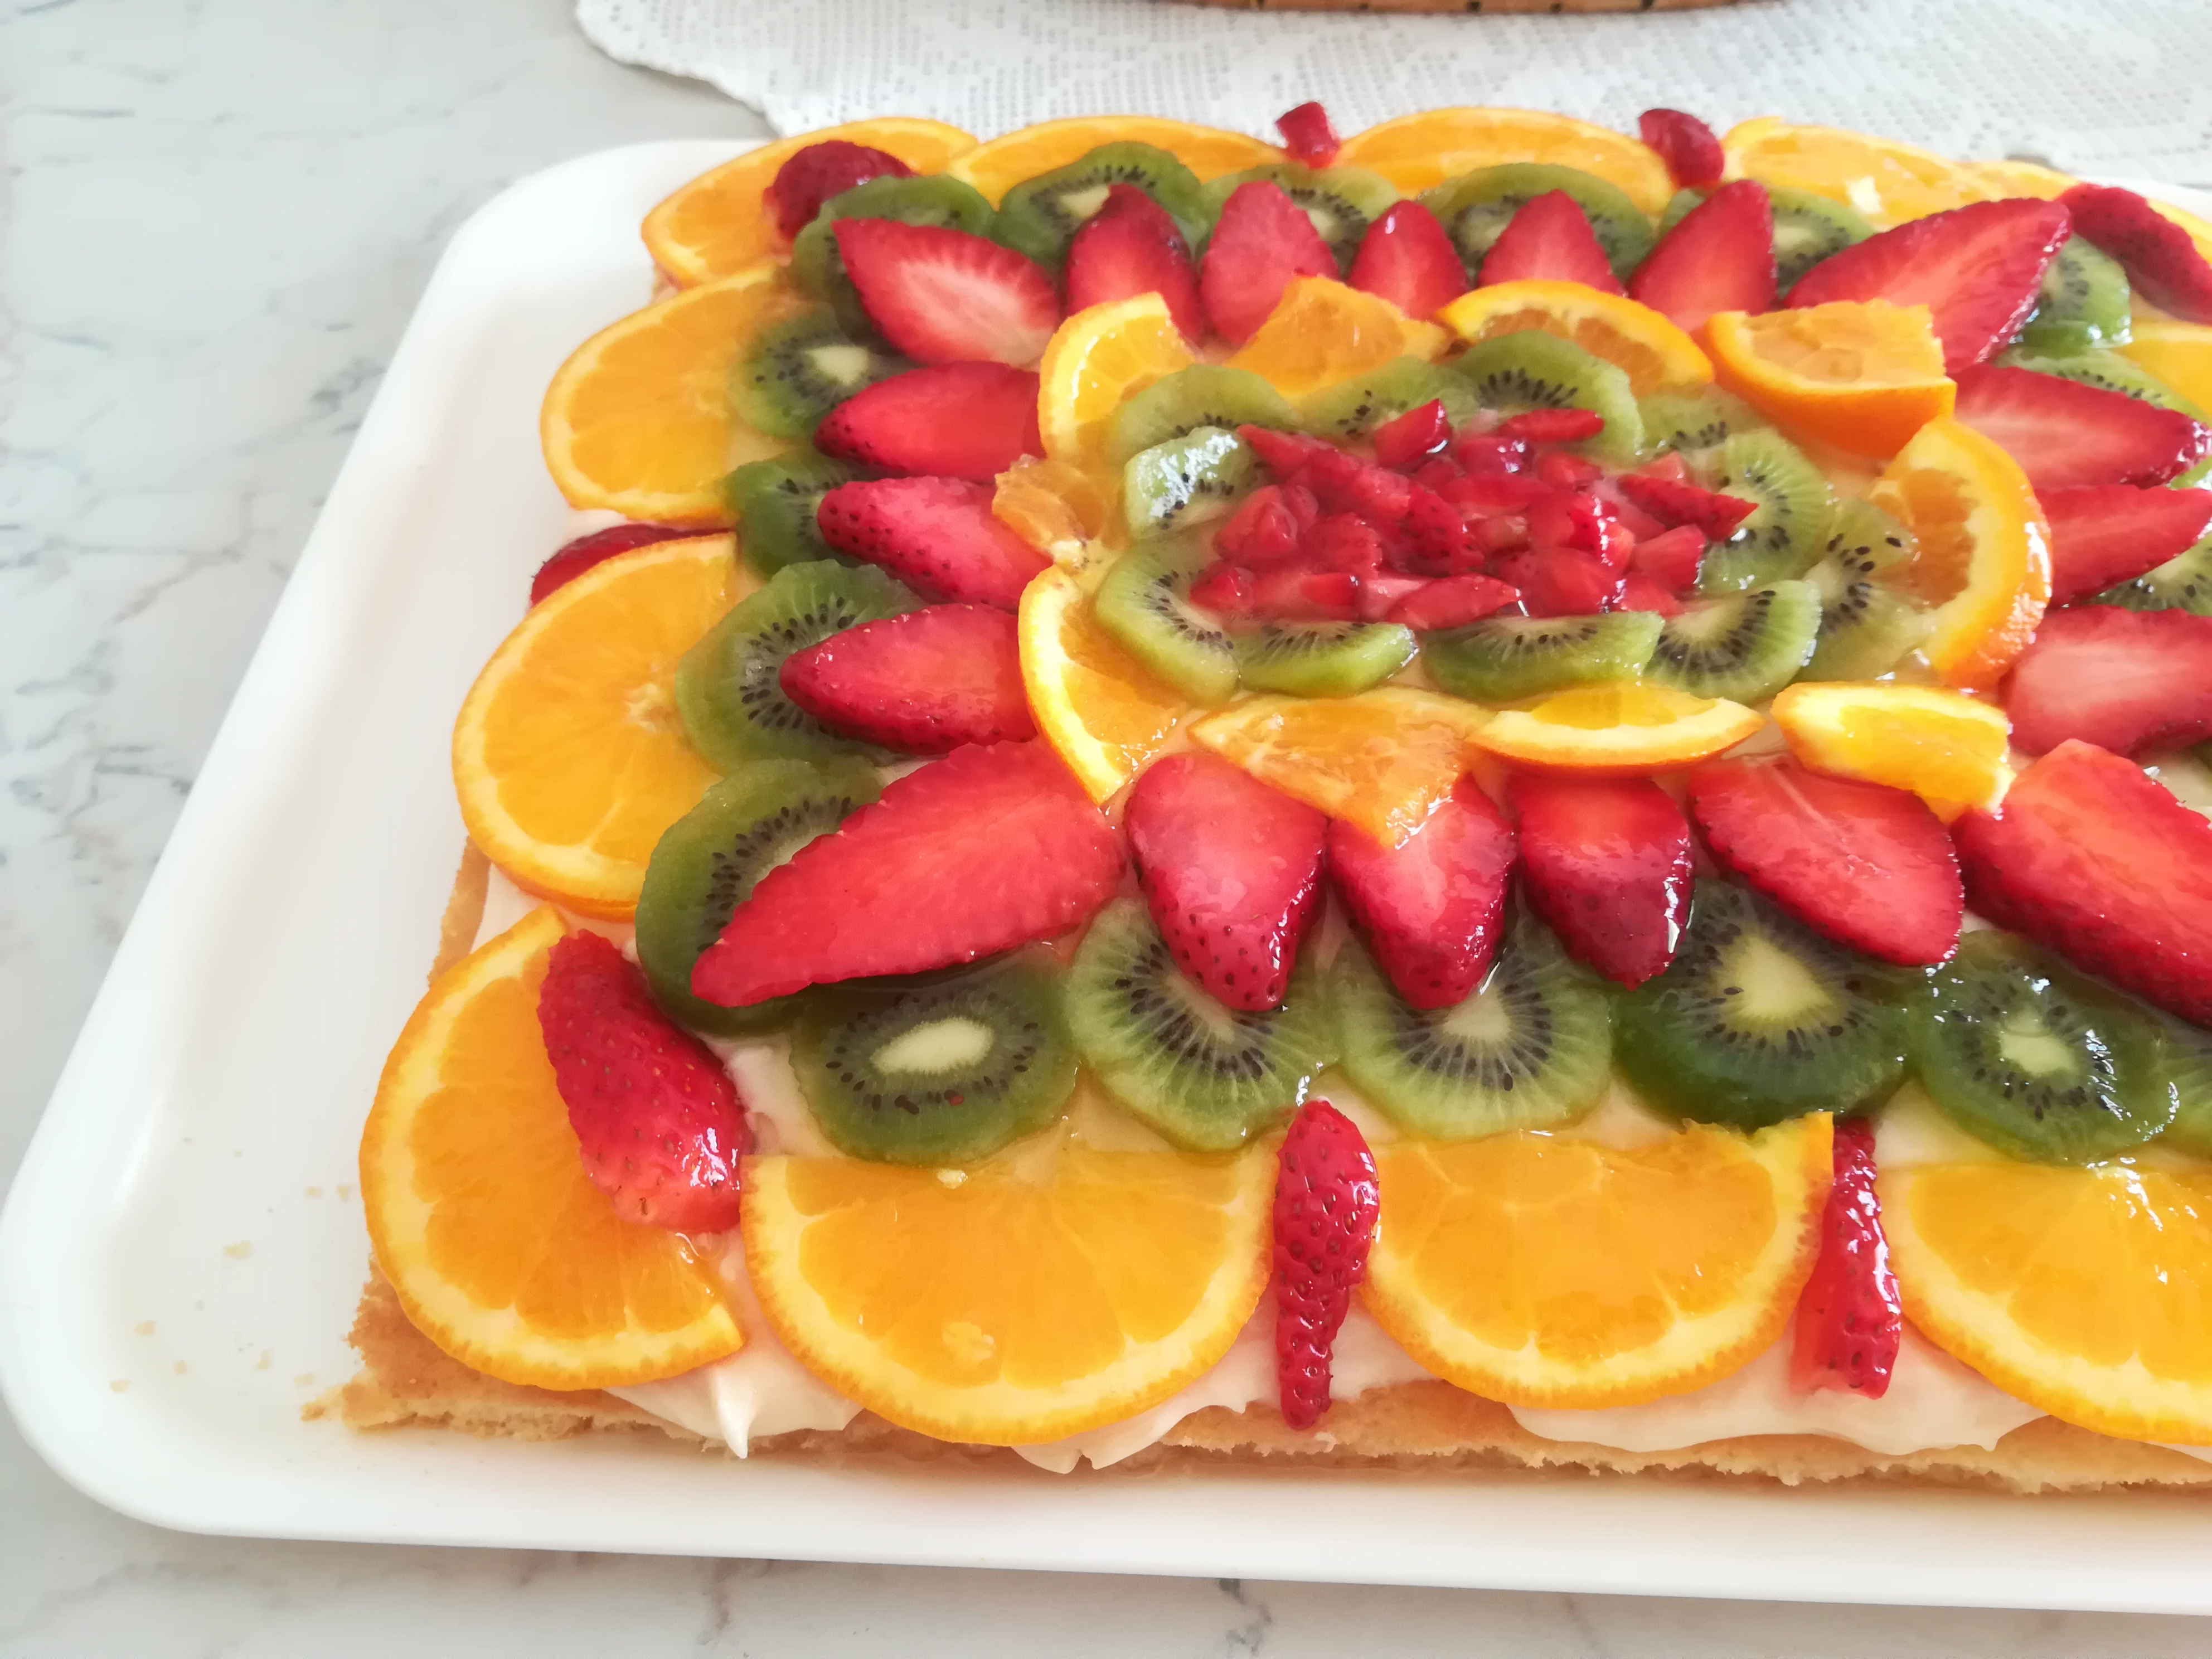 Torta di frutta, perfetta come torta di compleanno